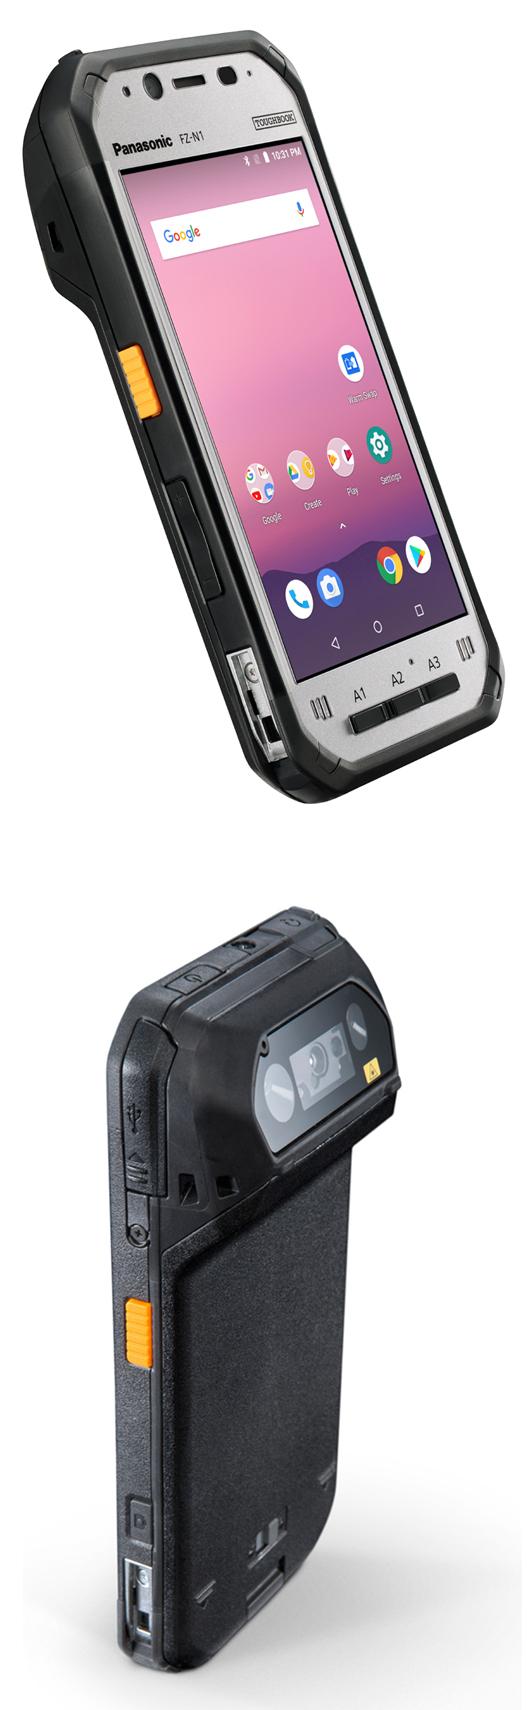 Le Toughbook FZ-N1, un nouveau terminal de poche durci avec un lecteur de codes-barres